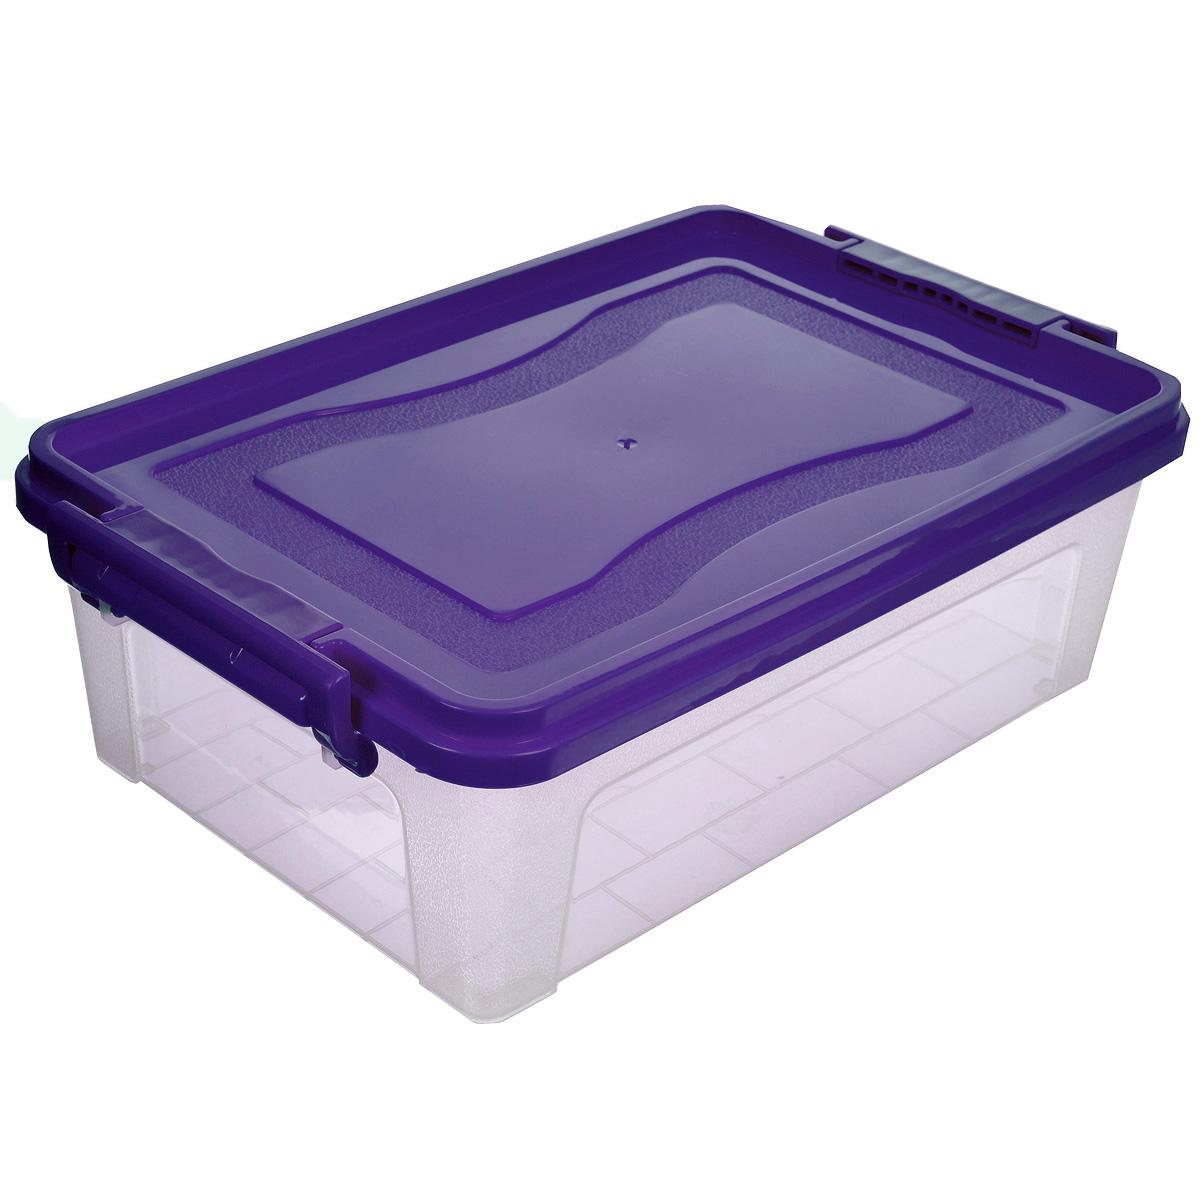 Контейнер для хранения Idea, прямоугольный, цвет: фиолетовый, прозрачный, 6,3 лМ 2861_фиолетовый, прозрачныйКонтейнер для хранения Idea выполнен из высококачественного пластика. Контейнер снабжен двумя пластиковыми фиксаторами по бокам, придающими дополнительную надежность закрывания крышки. Вместительный контейнер позволит сохранить различные нужные вещи в порядке, а герметичная крышка предотвратит случайное открывание, защитит содержимое от пыли и грязи.